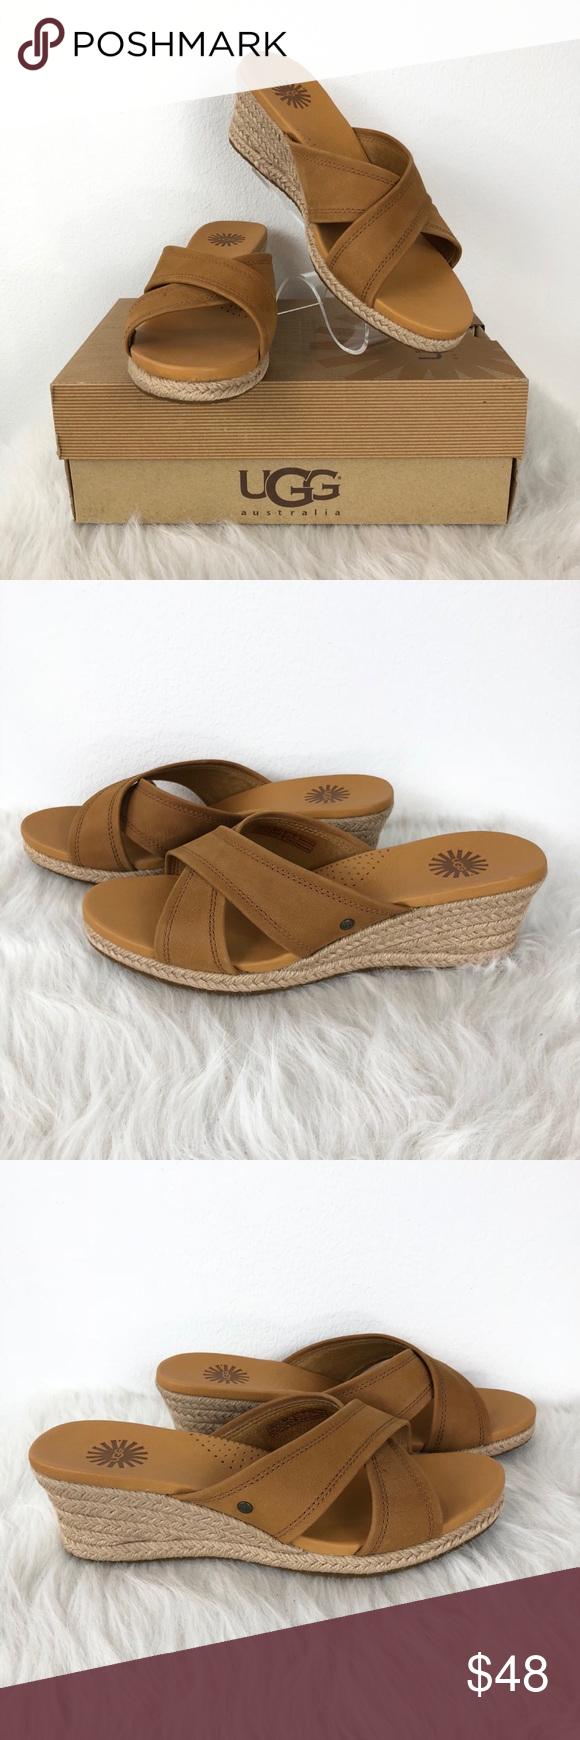 fa96155782a UGG Women's Size 8 GWYN Open Toe Wedge Sandals NWT NWT   My Posh ...